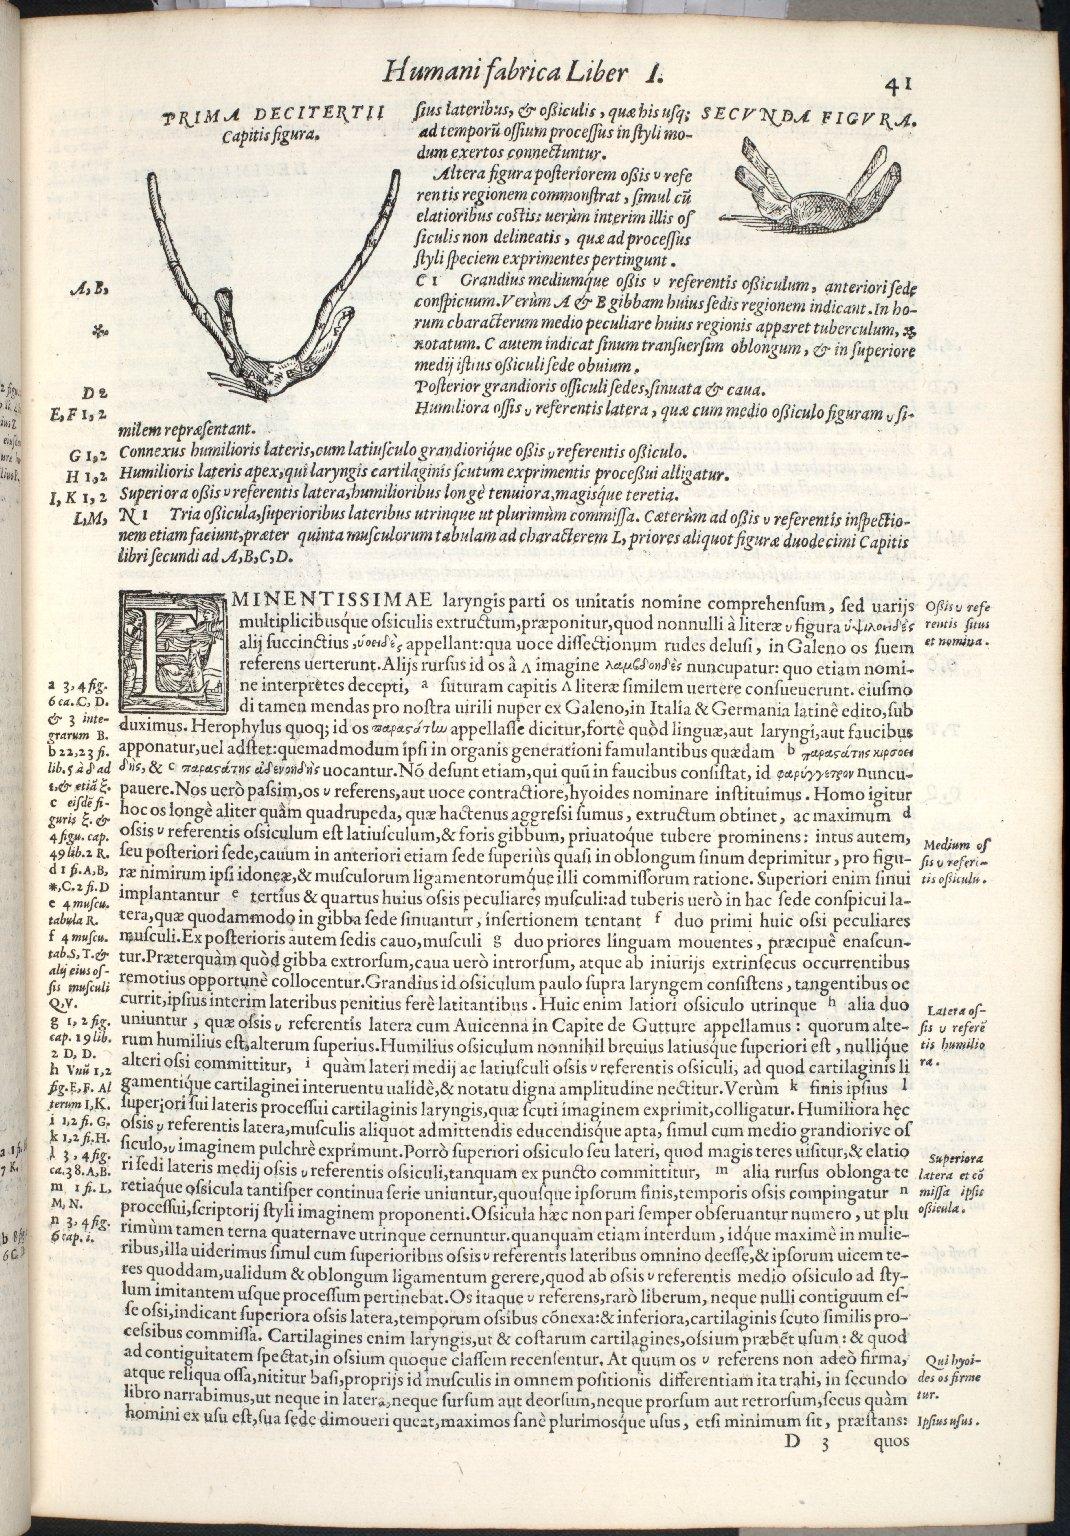 De Osse v. Graecorum Literae imagini comparato. Caput XIII. Fig.I-II